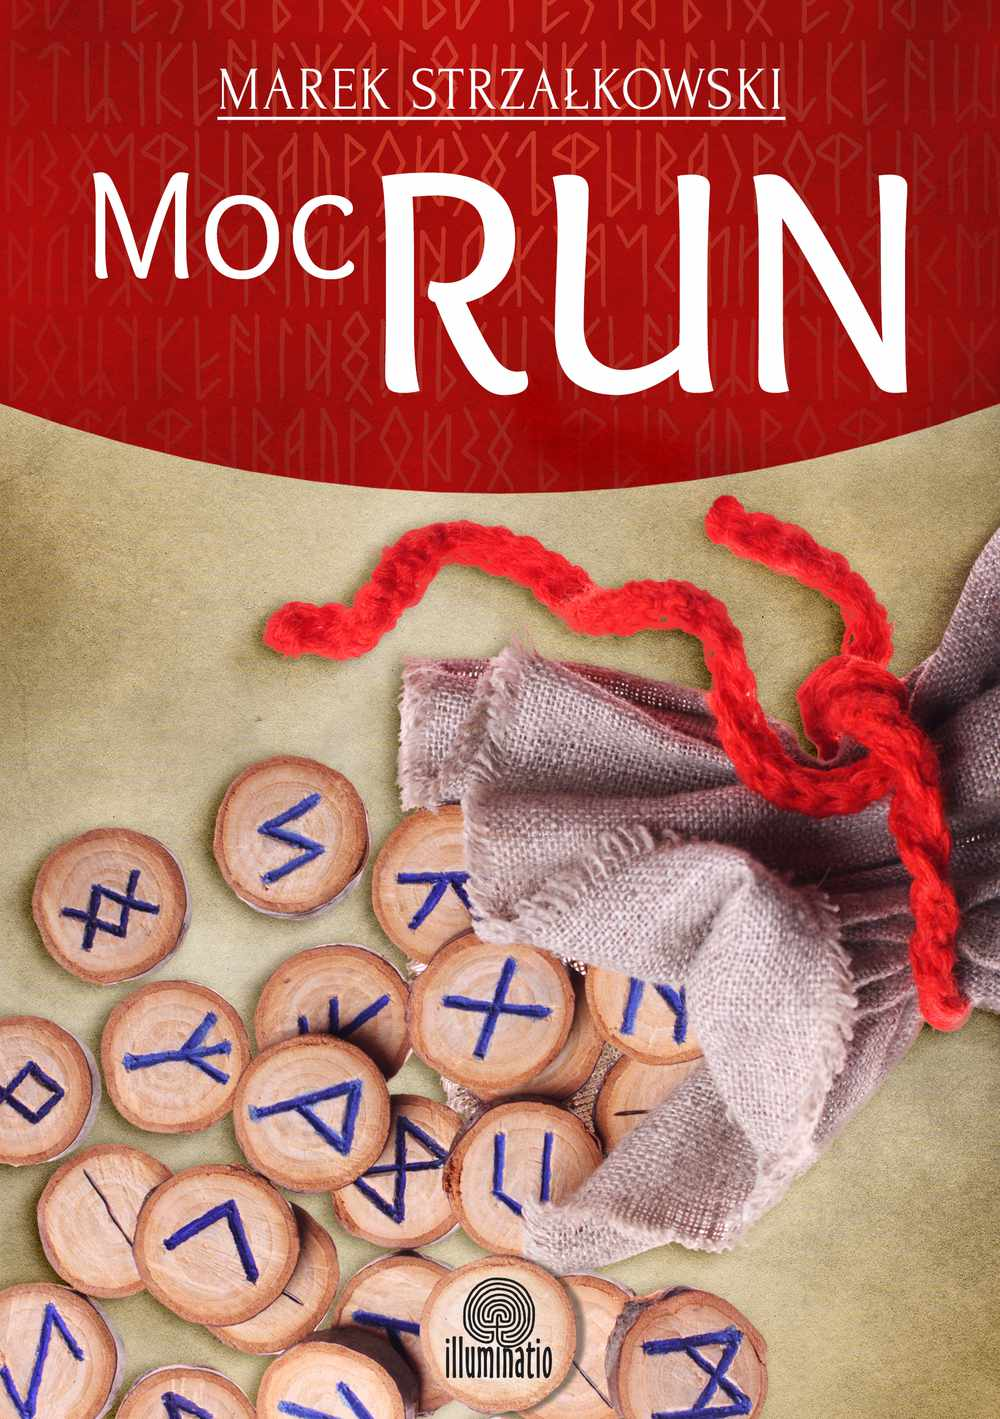 Moc run - Ebook (Książka na Kindle) do pobrania w formacie MOBI